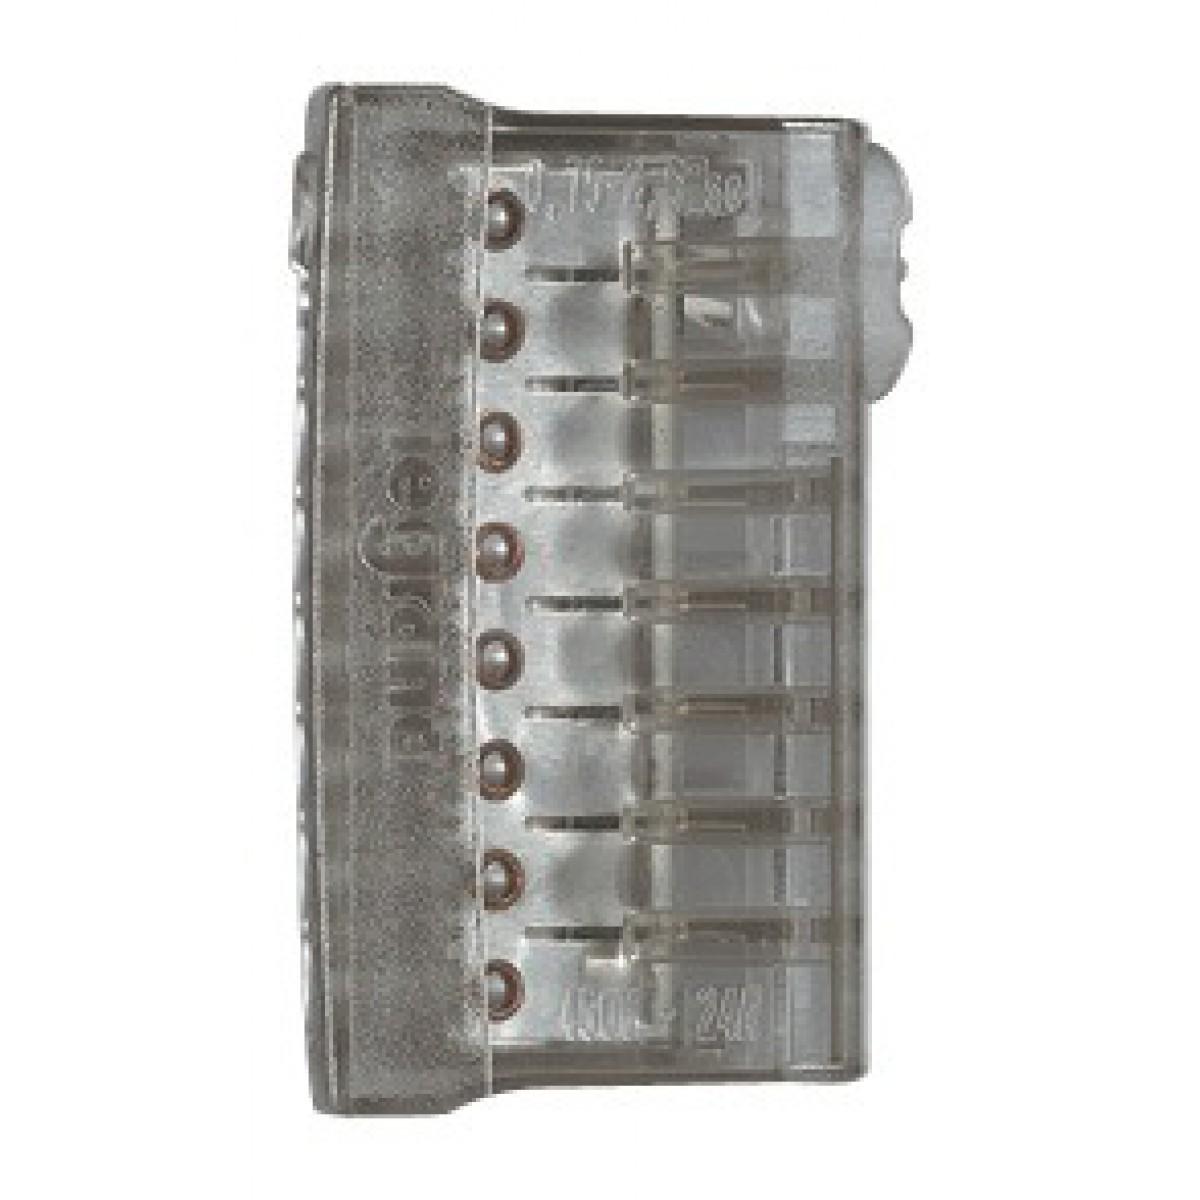 Borne de connexion Nylbloc Legrand - 8 fils horizontaux - Vendu par 3